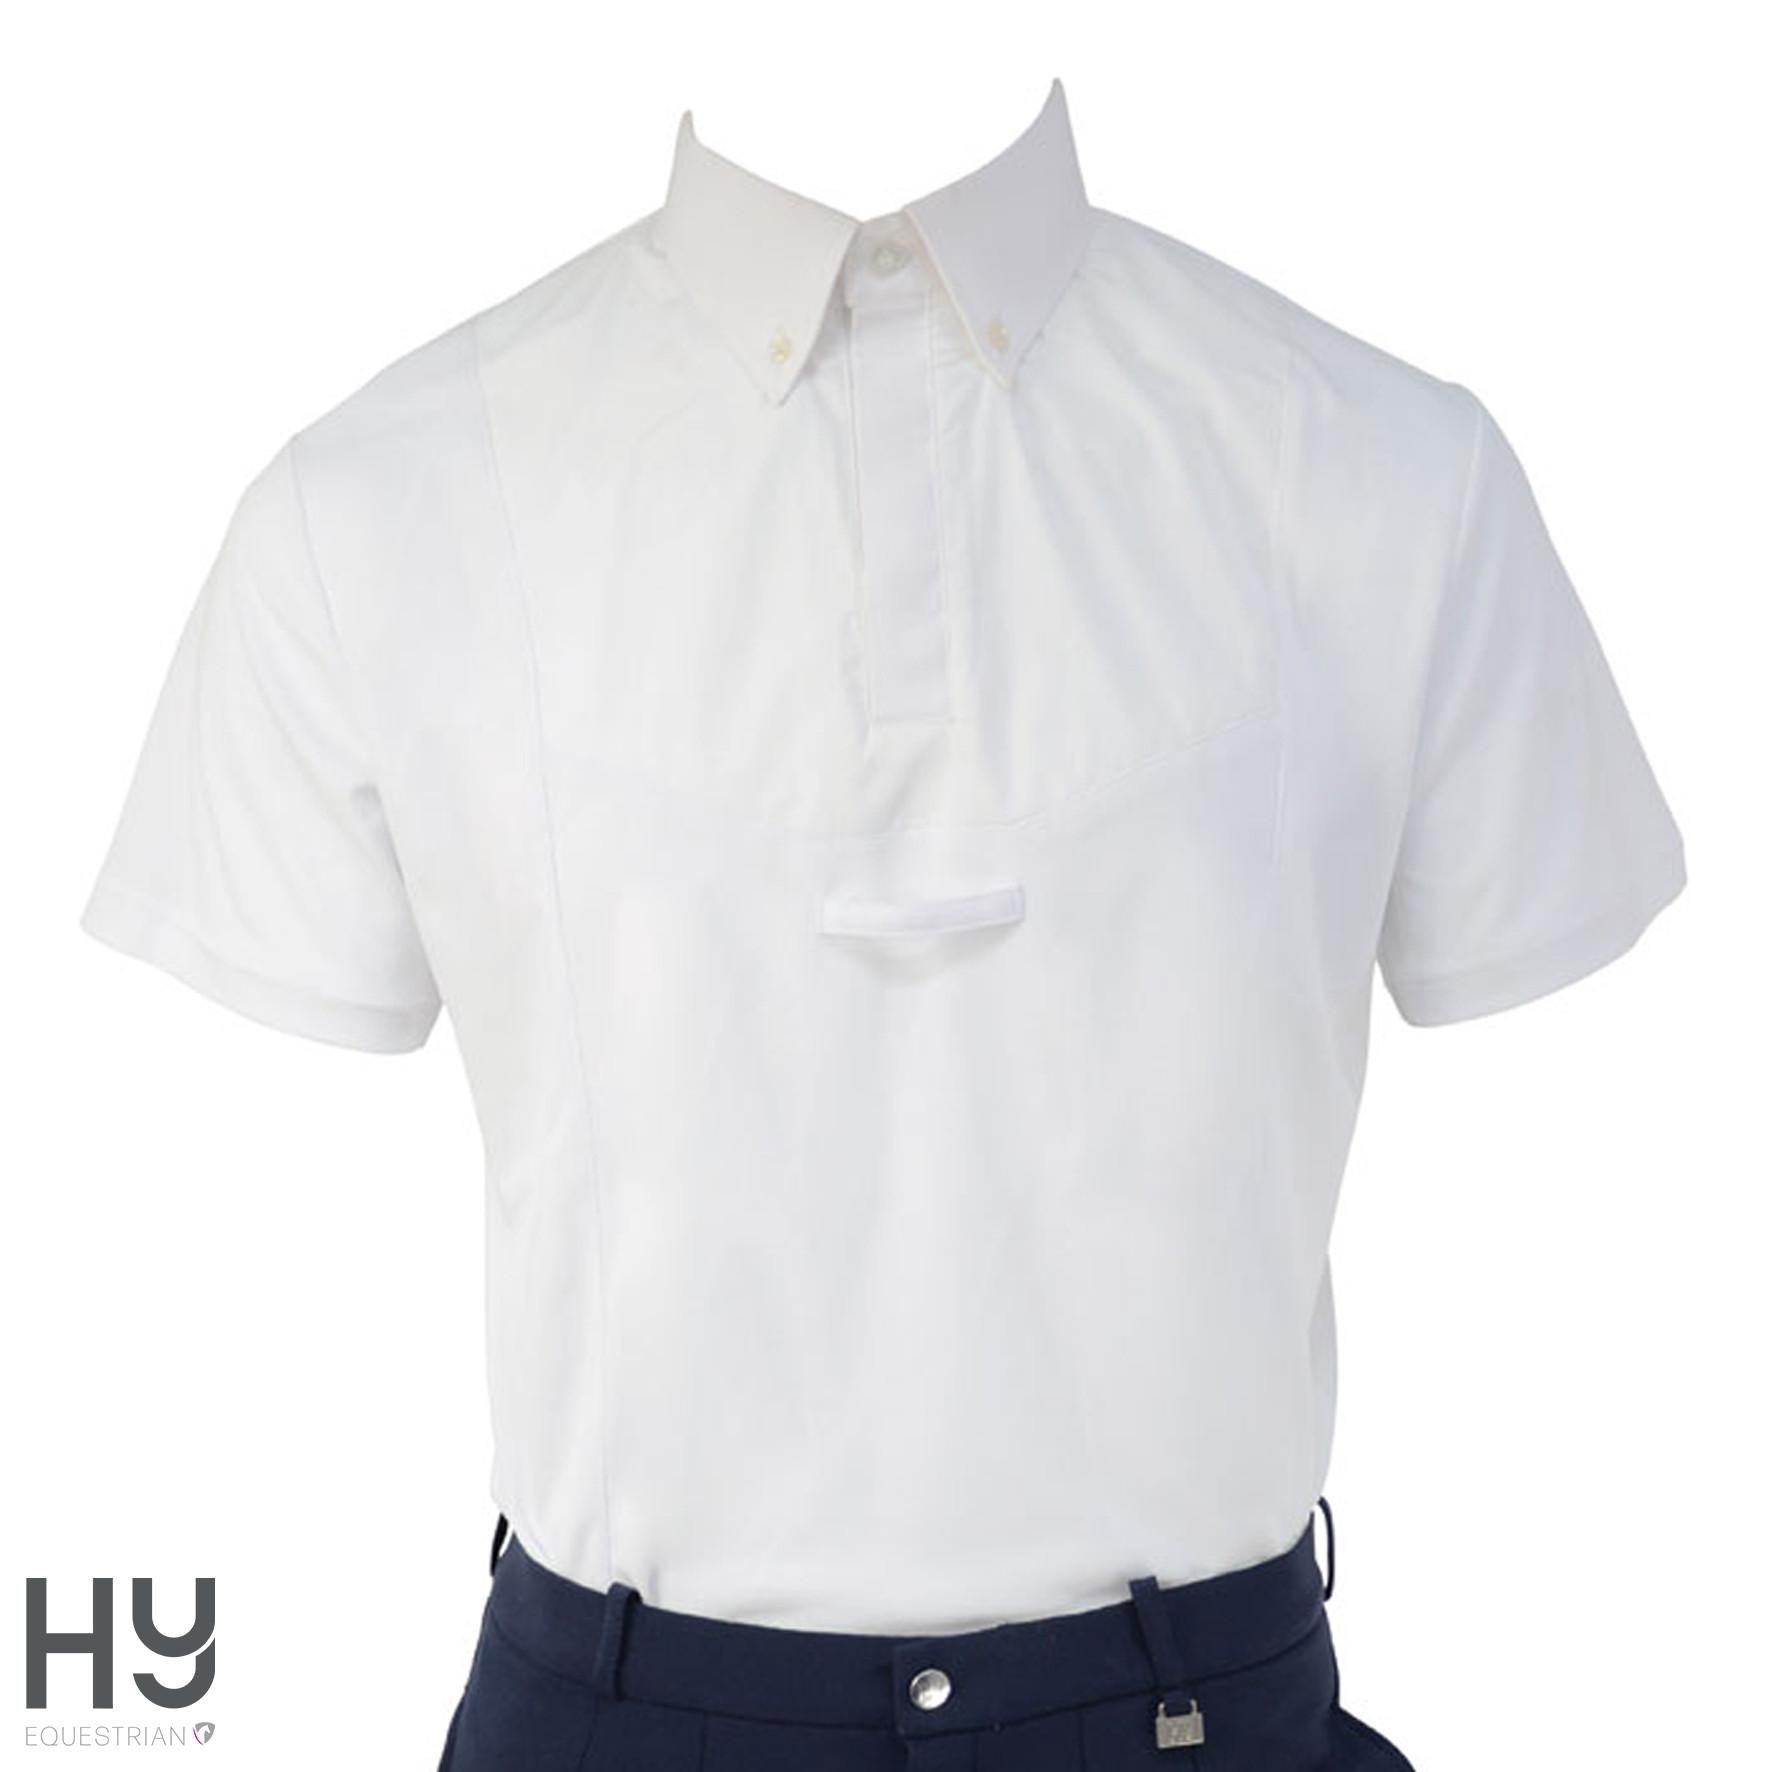 HyFASHION Men's Hadleigh Short Sleeved Tie Shirt